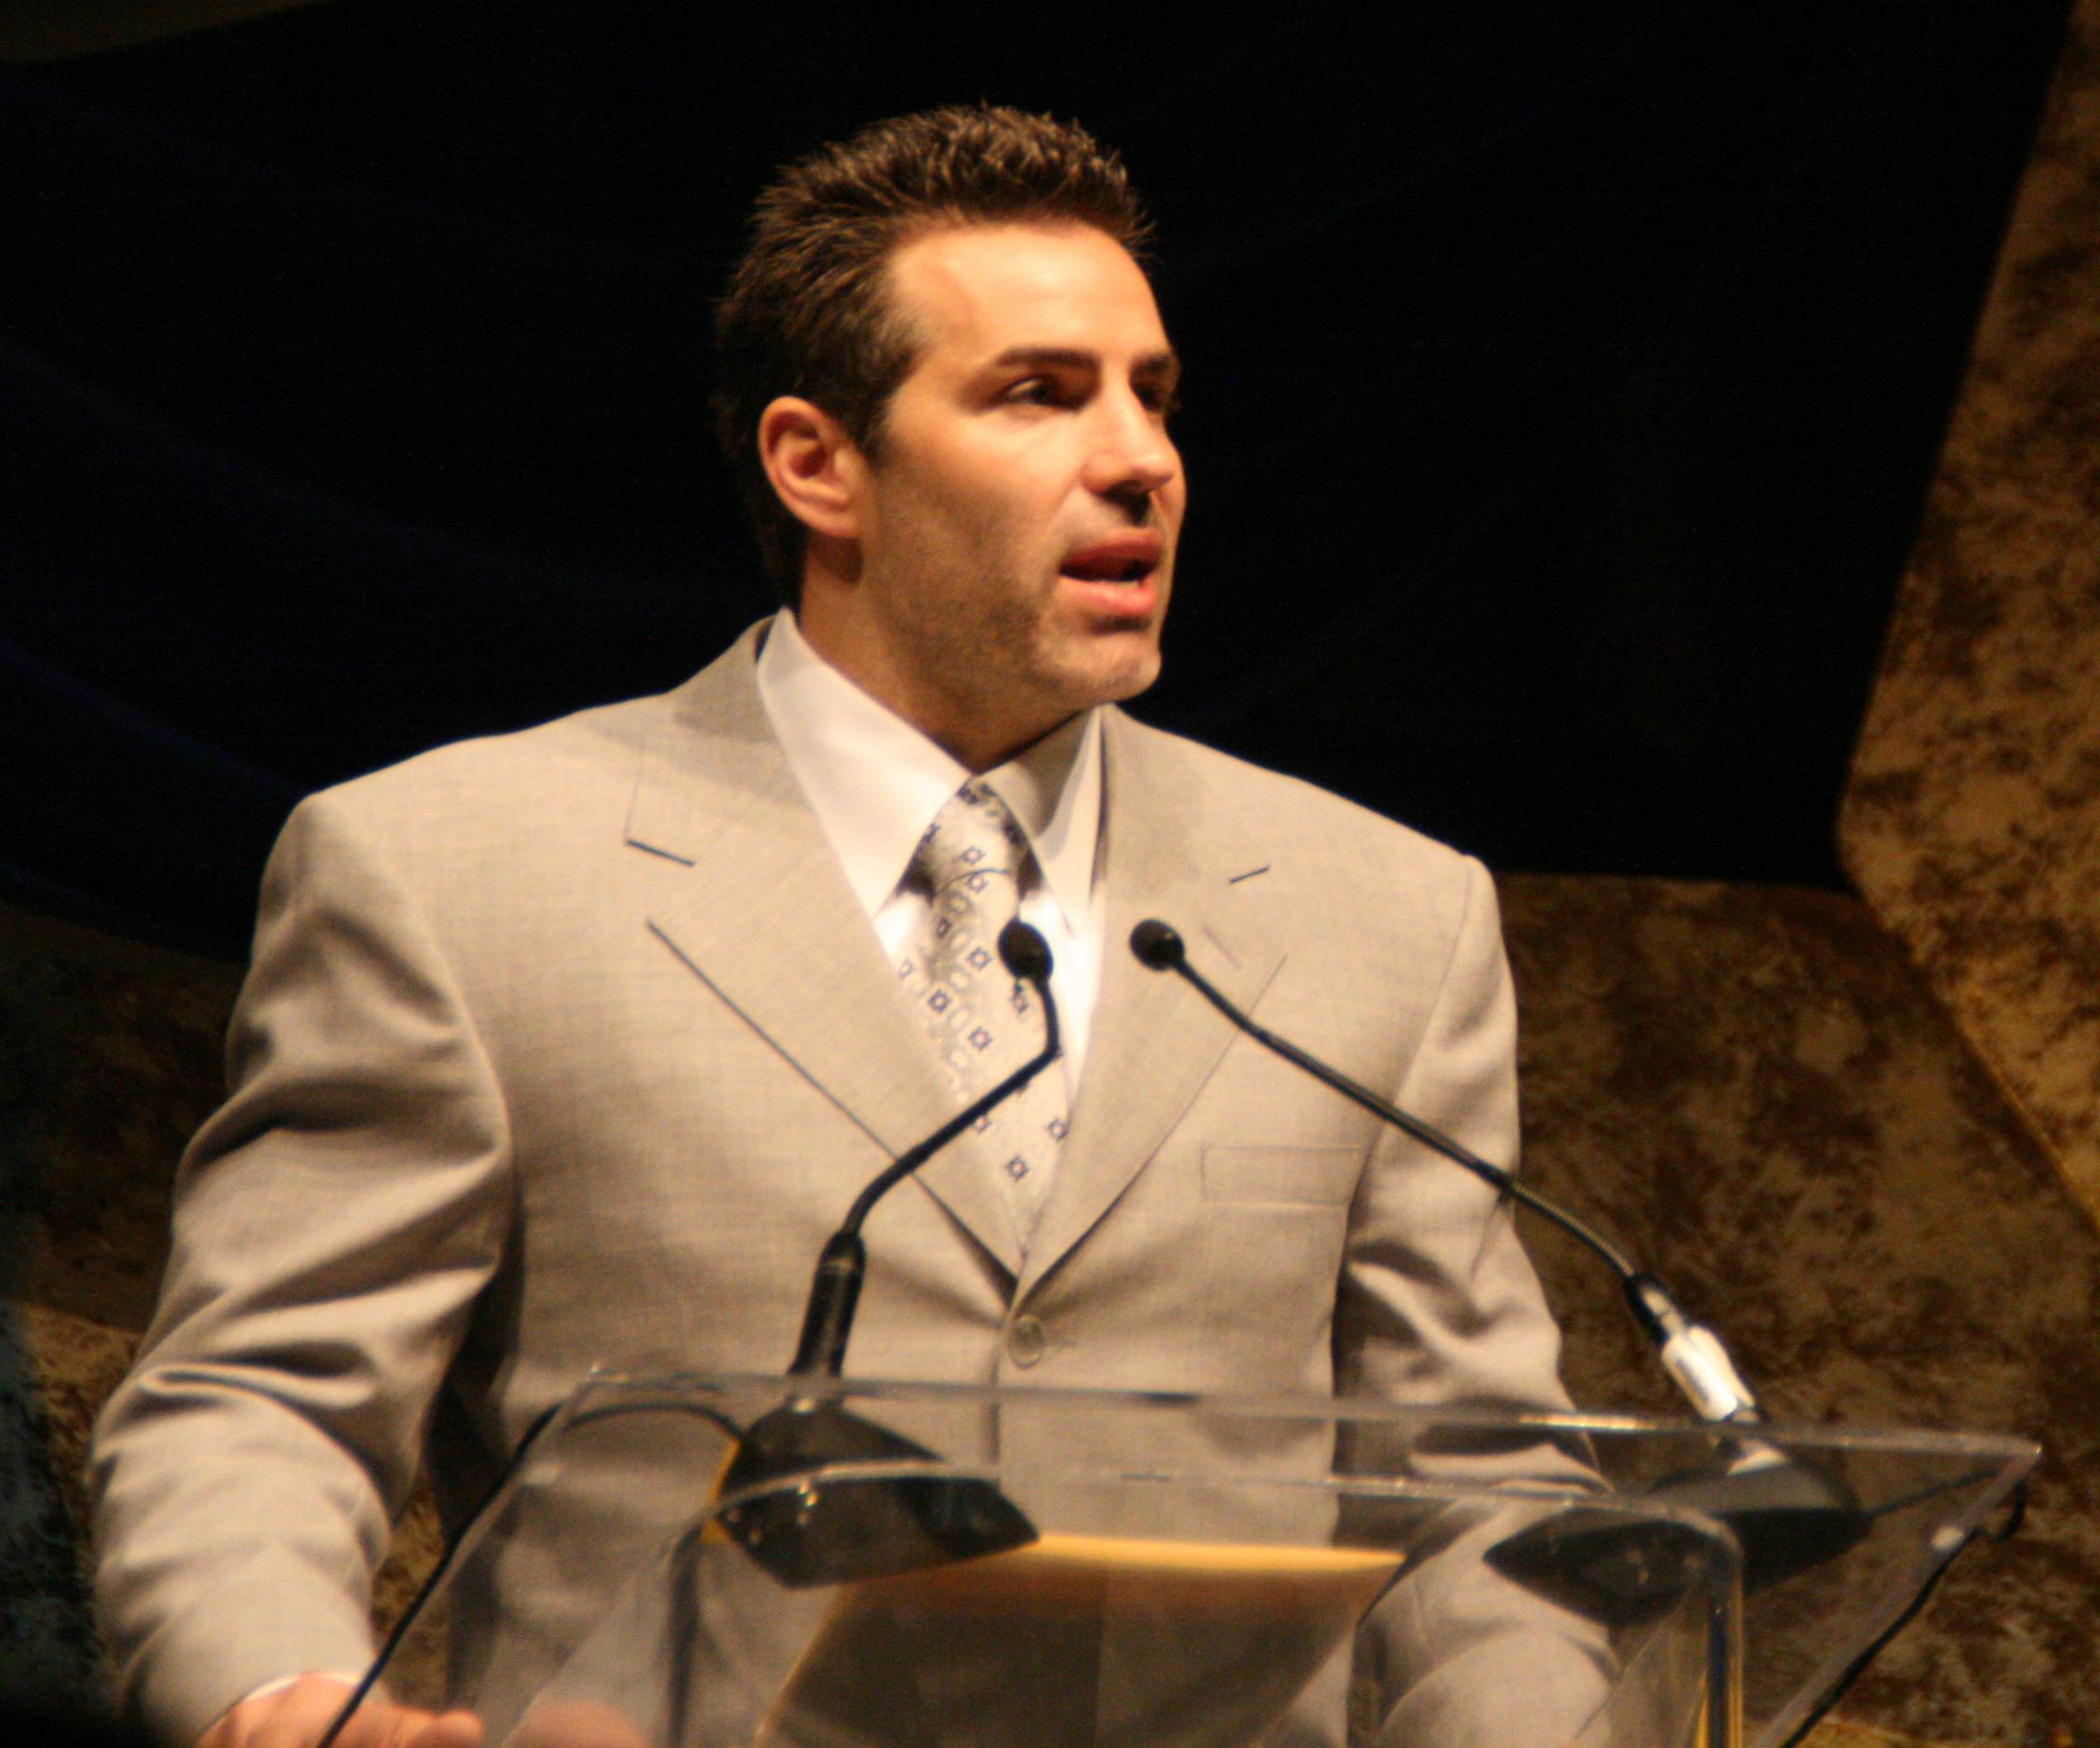 Warner in 2007